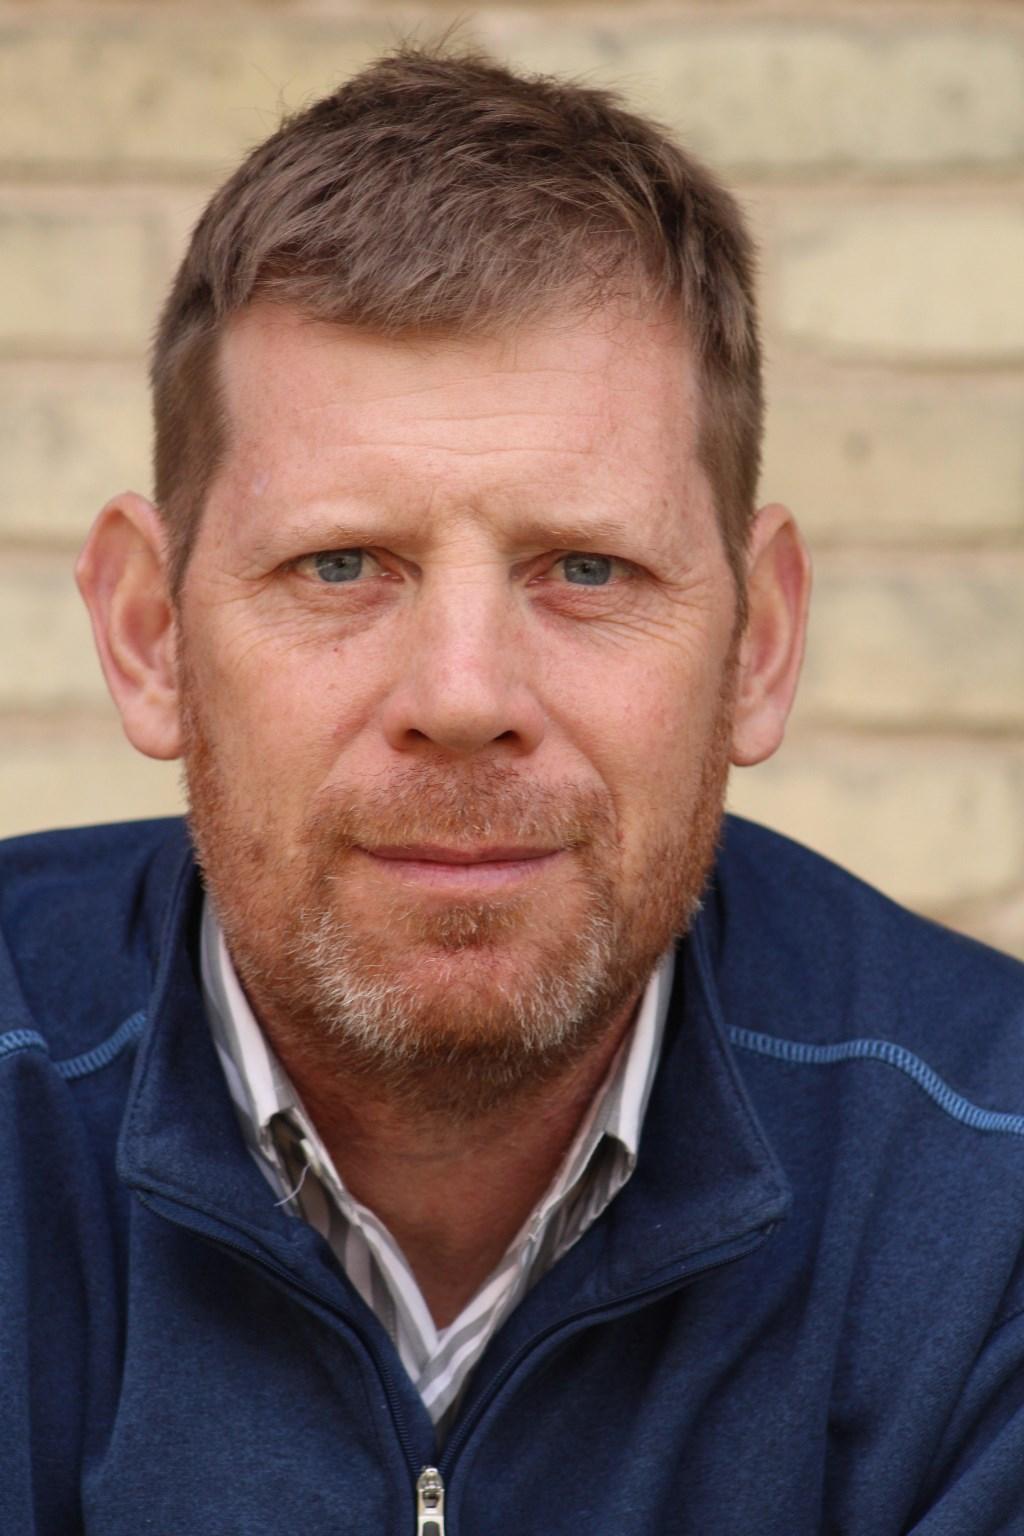 Dan Egan. Photo from UWM.